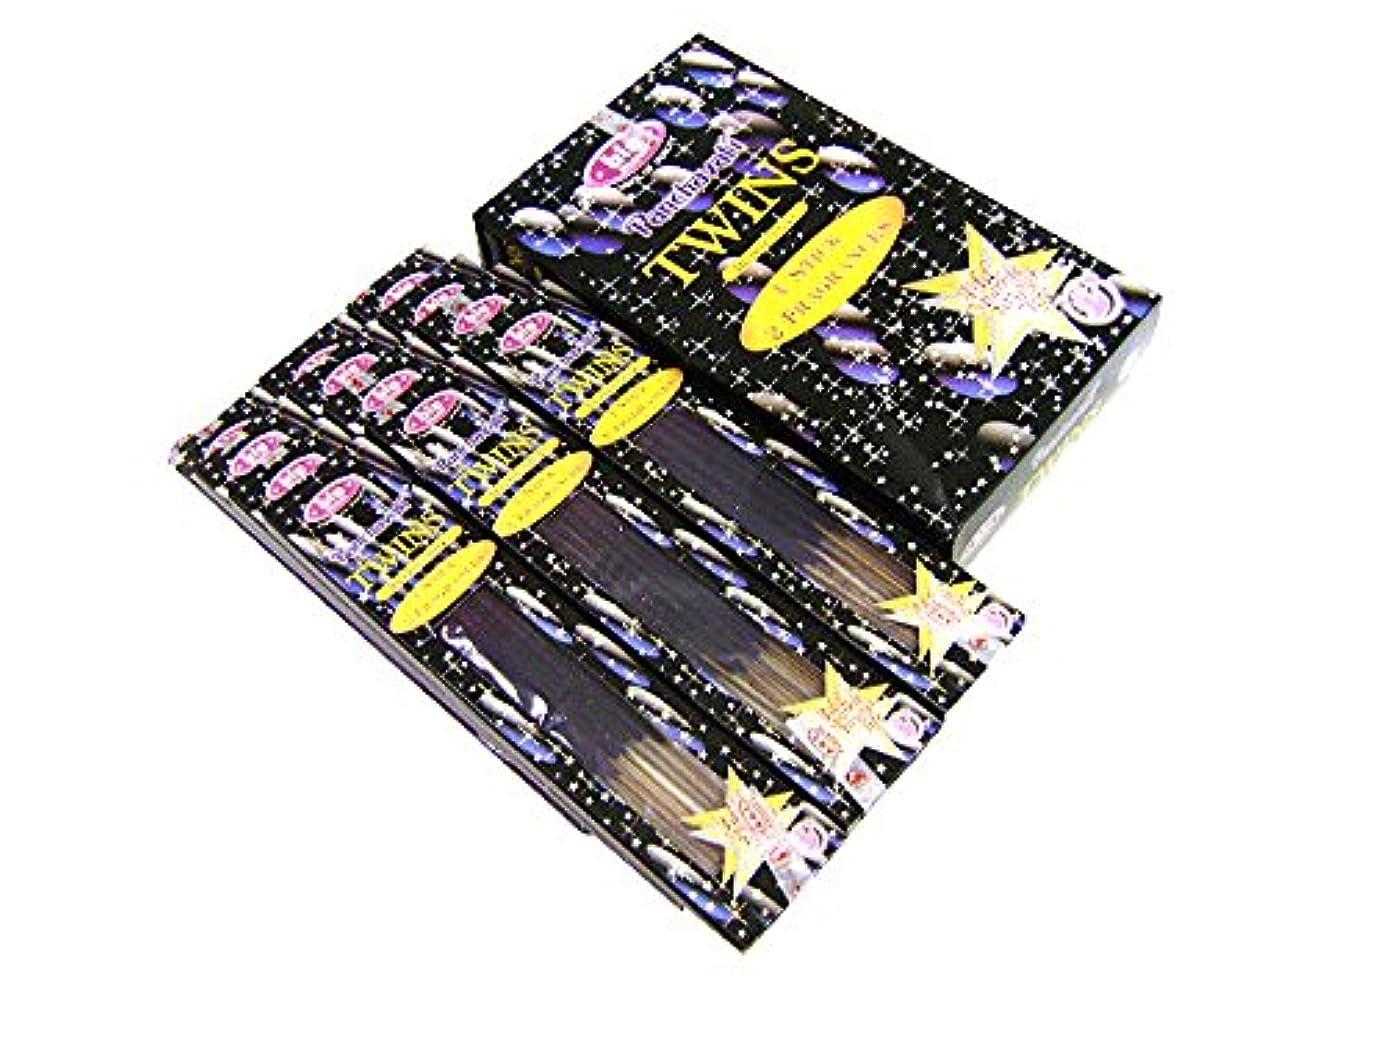 飲食店観光乱用BIC(ビック) ツインズ香(レギュラーボックス) スティック TWINS REG BOX 12箱セット